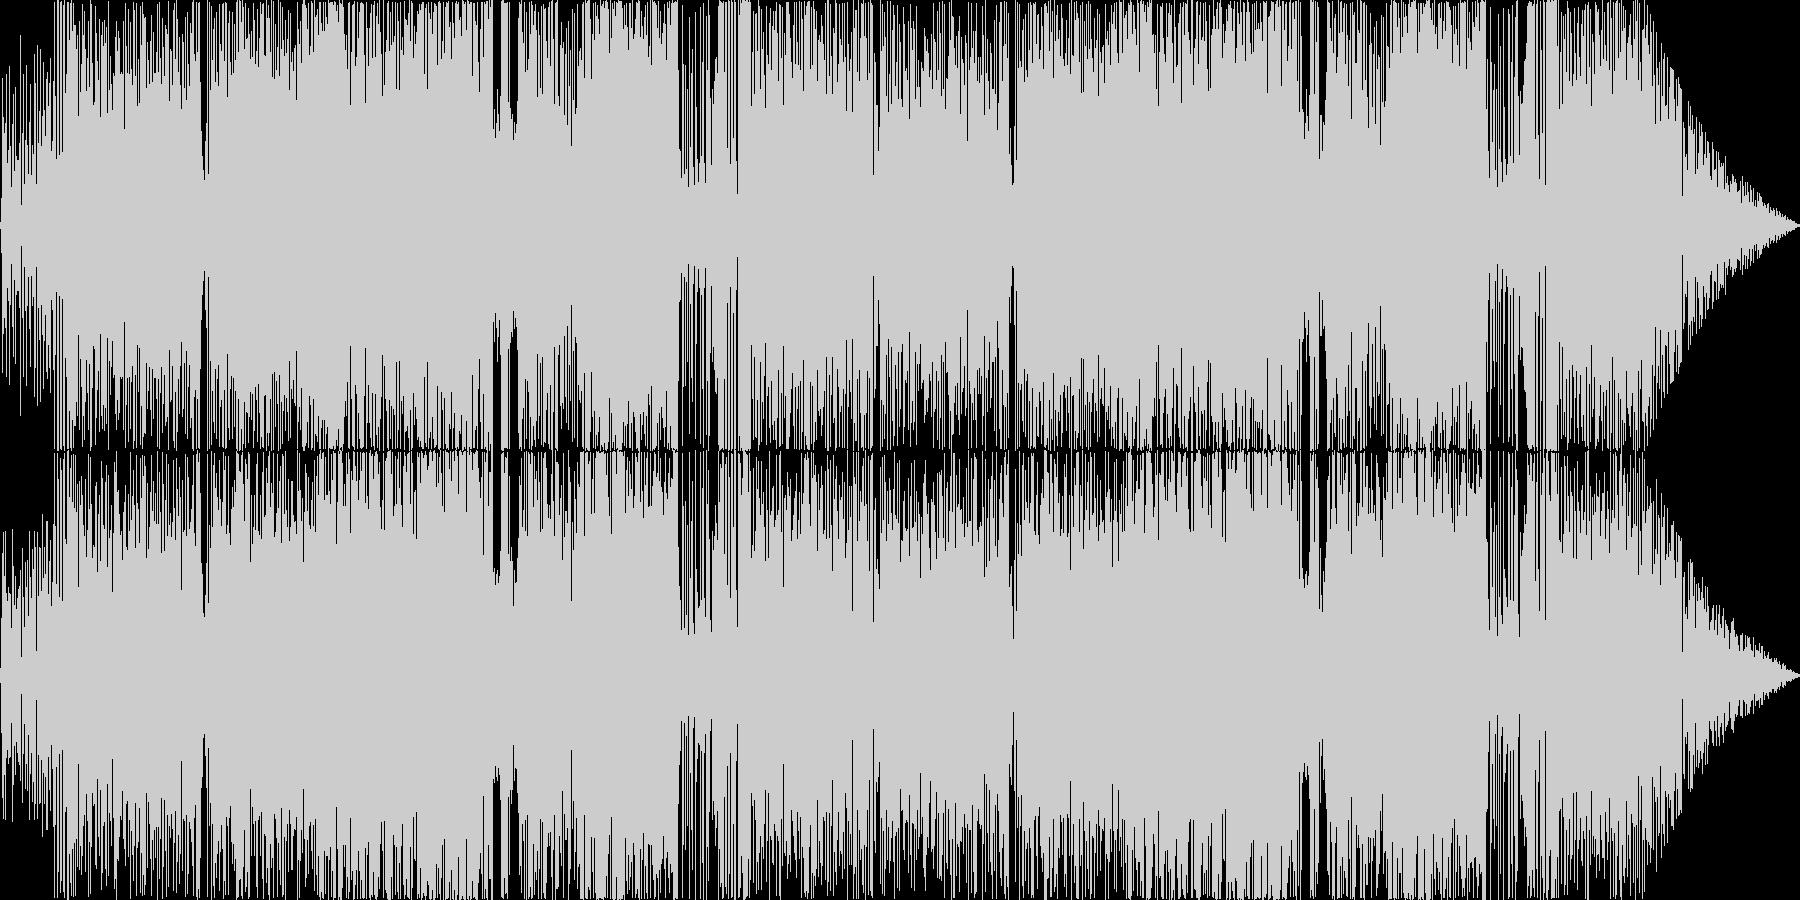 マリオカート系BGM 海と町のサンバの未再生の波形